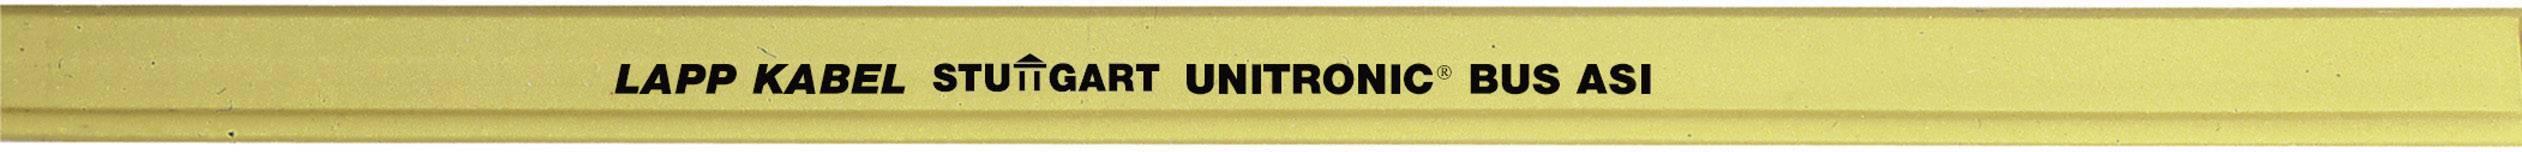 Sběrnicový kabel LappKabel UNITRONIC® BUS 2170228, žlutá, 500 m